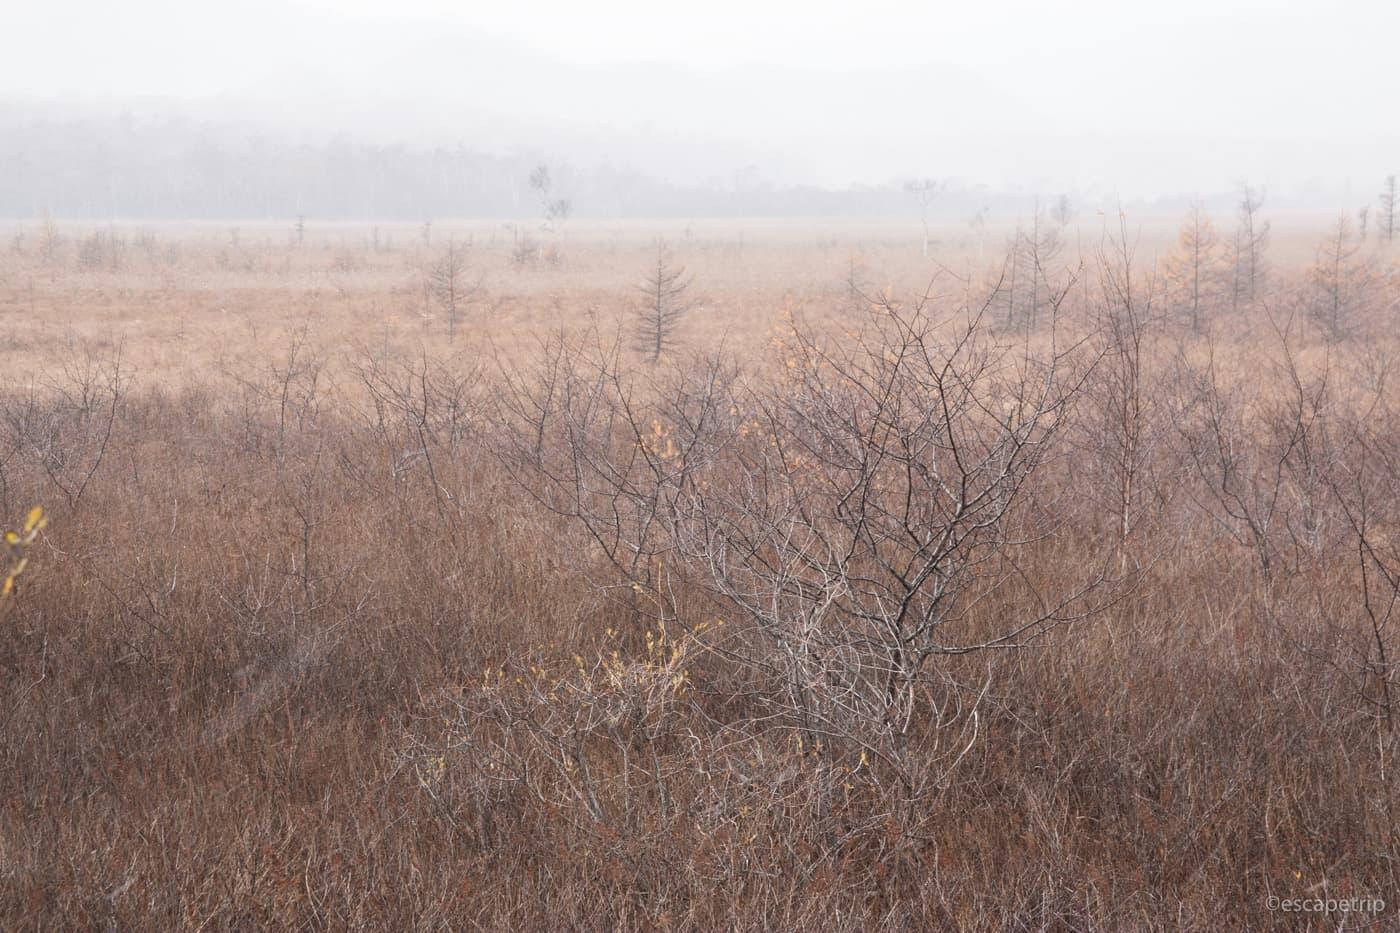 戦場ヶ原の湿原